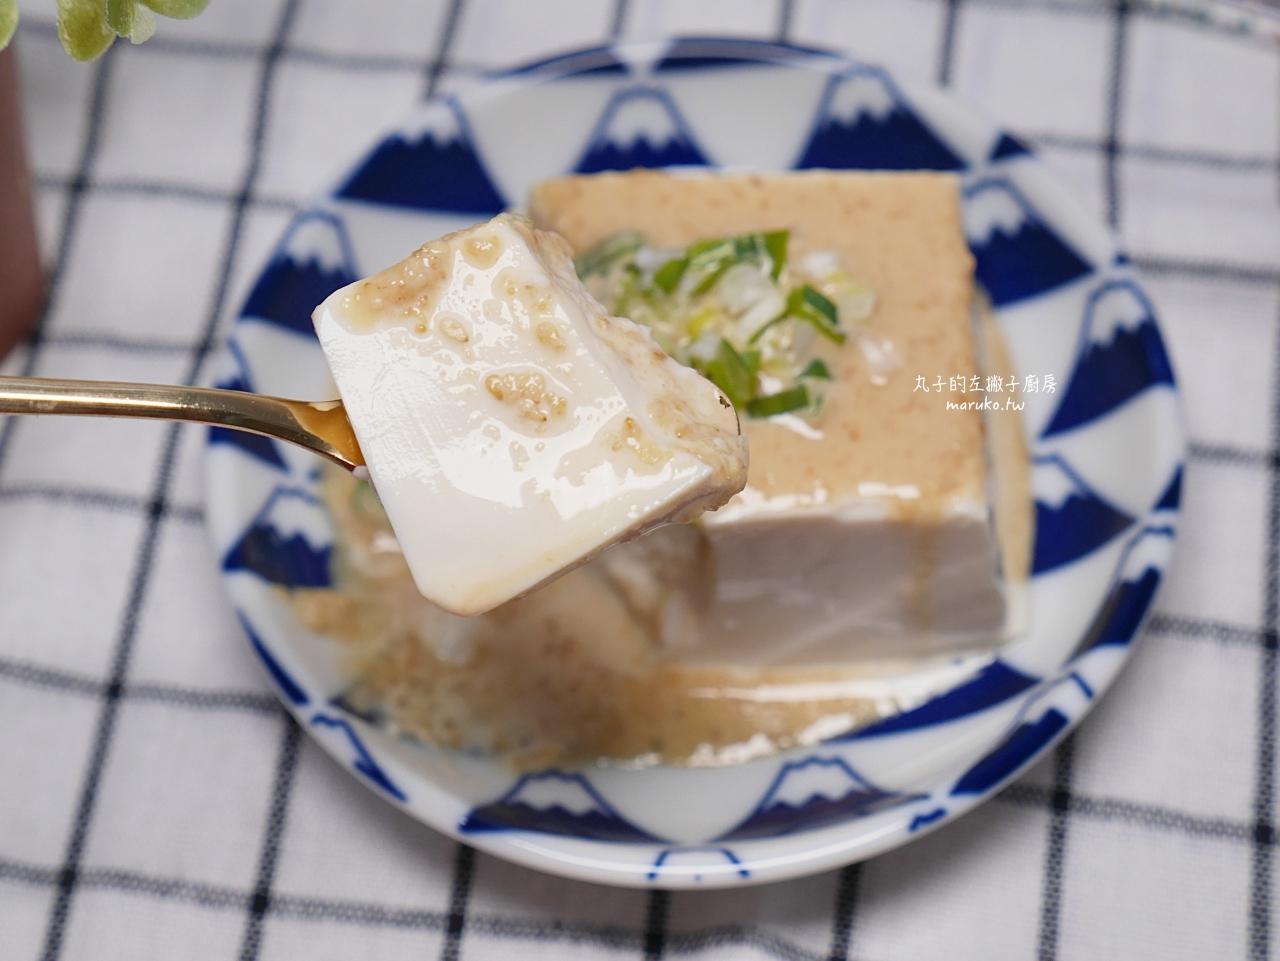 【食譜】胡麻豆腐/免開火/五分鐘輕鬆做日式胡麻醬拌麵拌生菜沙拉簡單做 @Maruko與美食有個約會